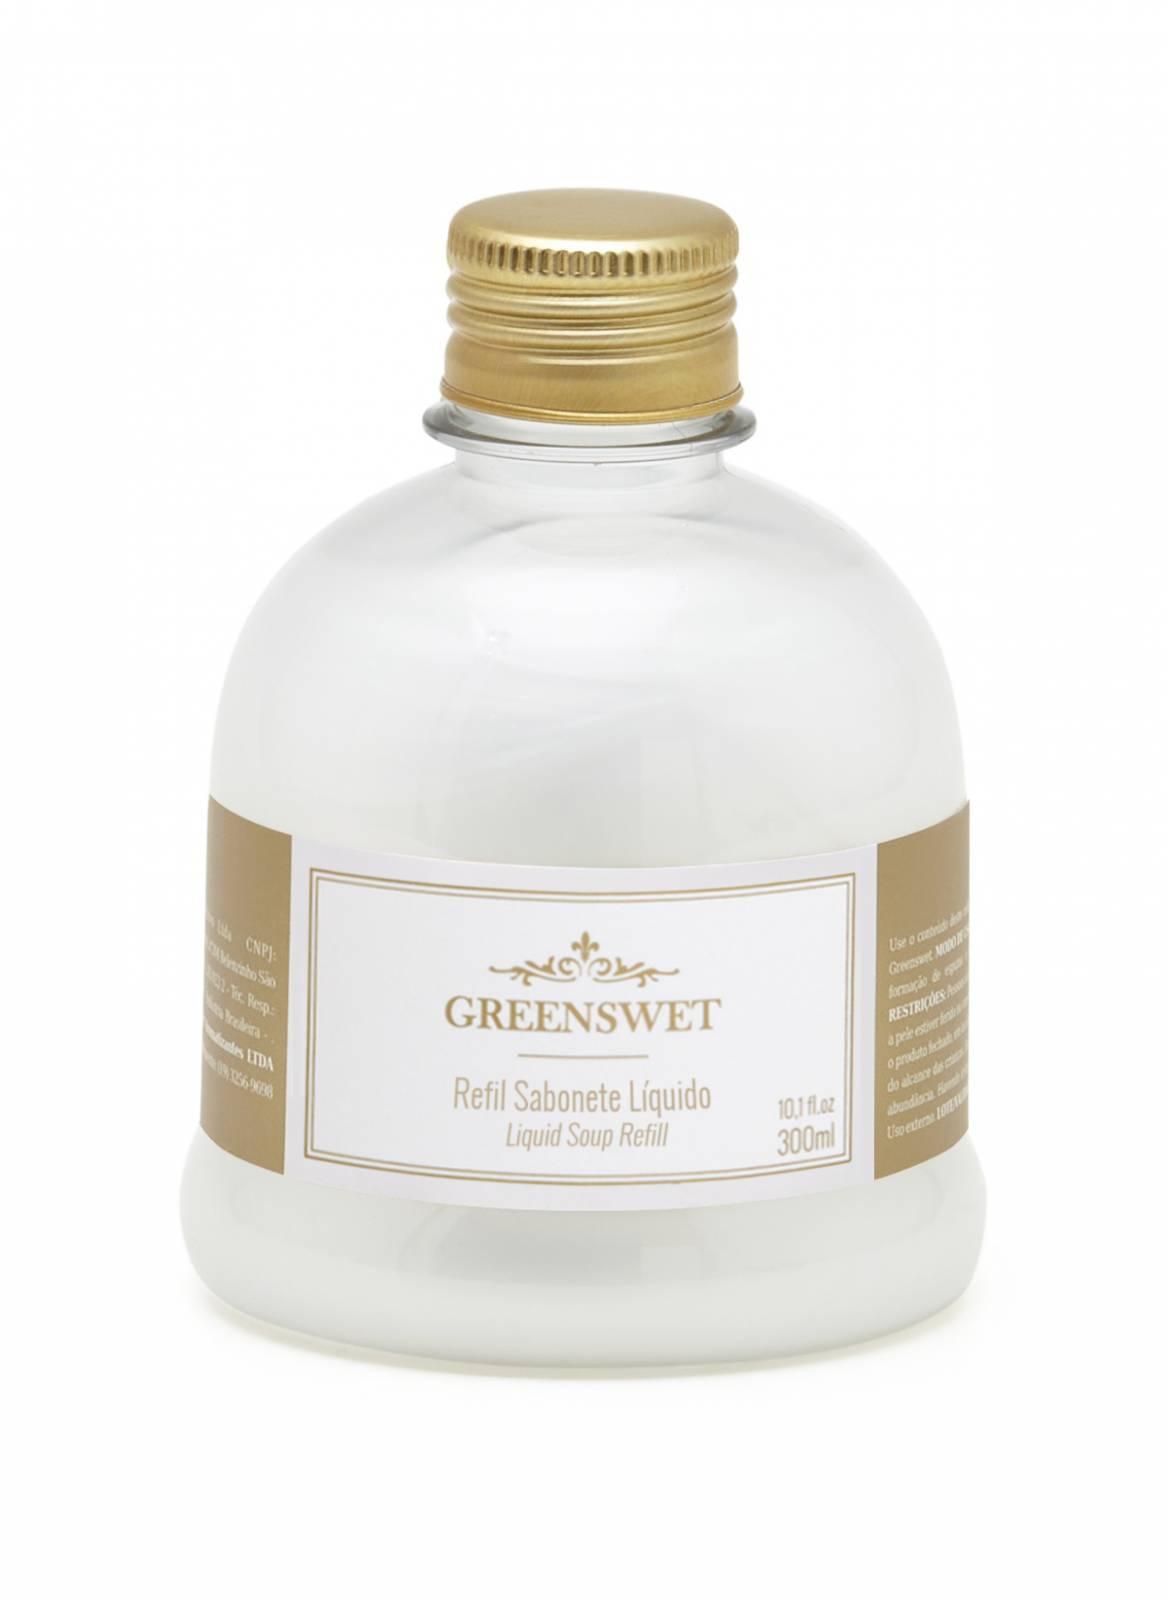 Refil Sabonete Liquido 300 ml Essência Verbena - Greenswet Aromatizantes